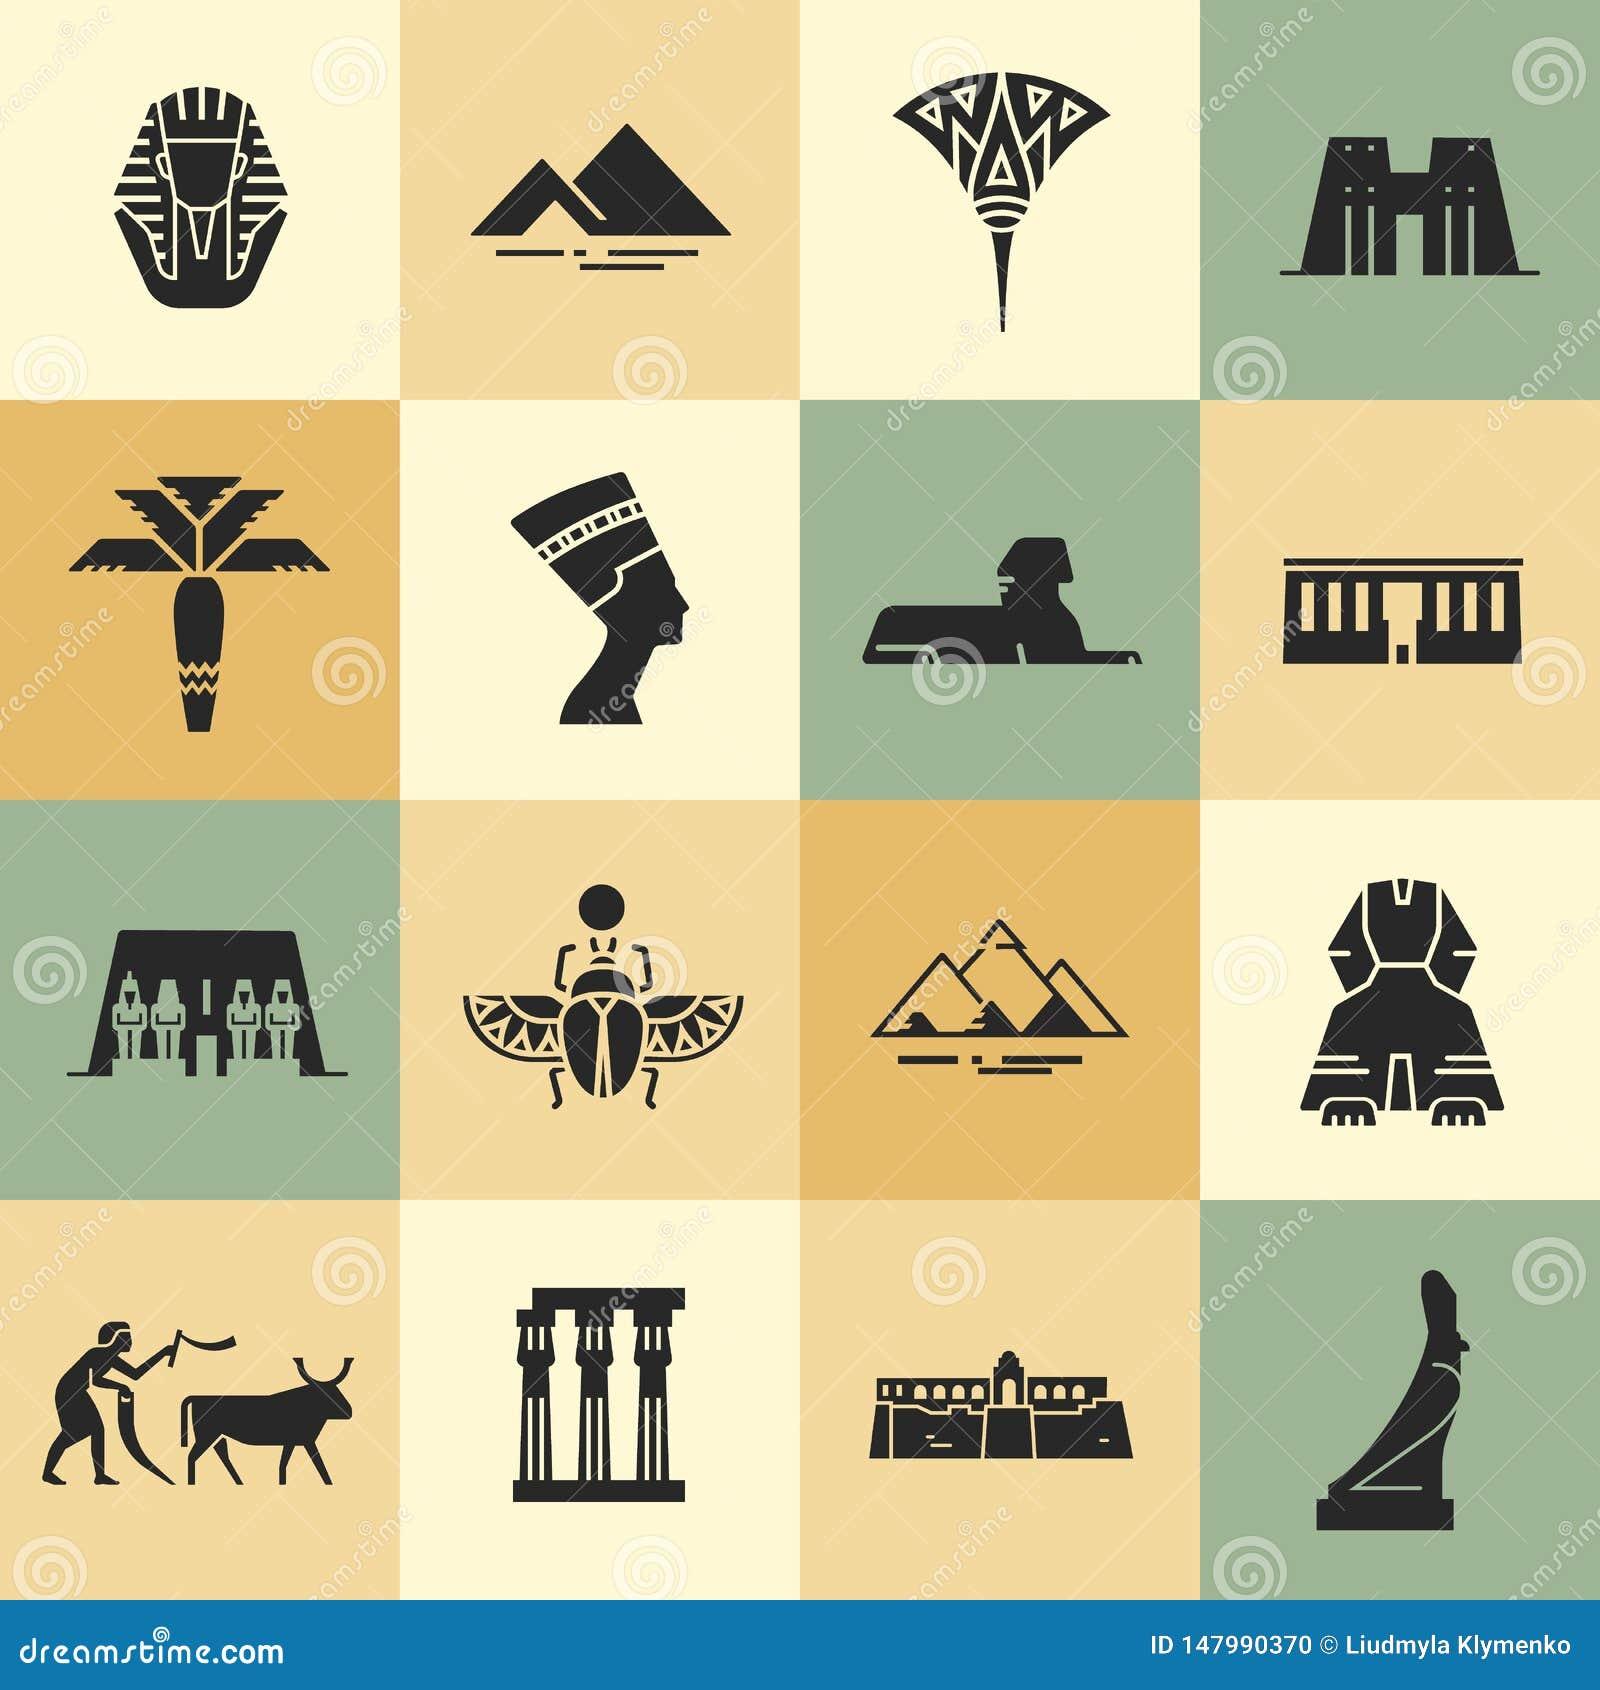 Egyptische symbolen, oriëntatiepunten, en beroemdheden in vlakke stijlpictogrammen